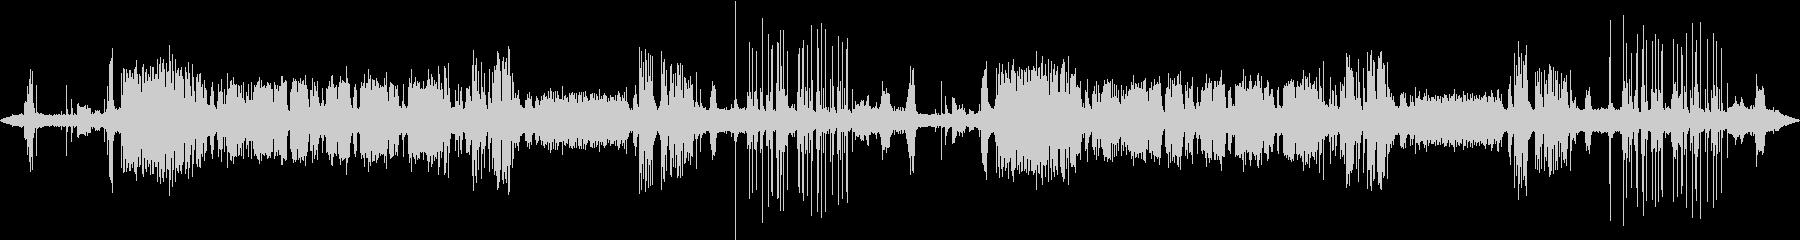 ハイテクサーキットボードプレス機:...の未再生の波形